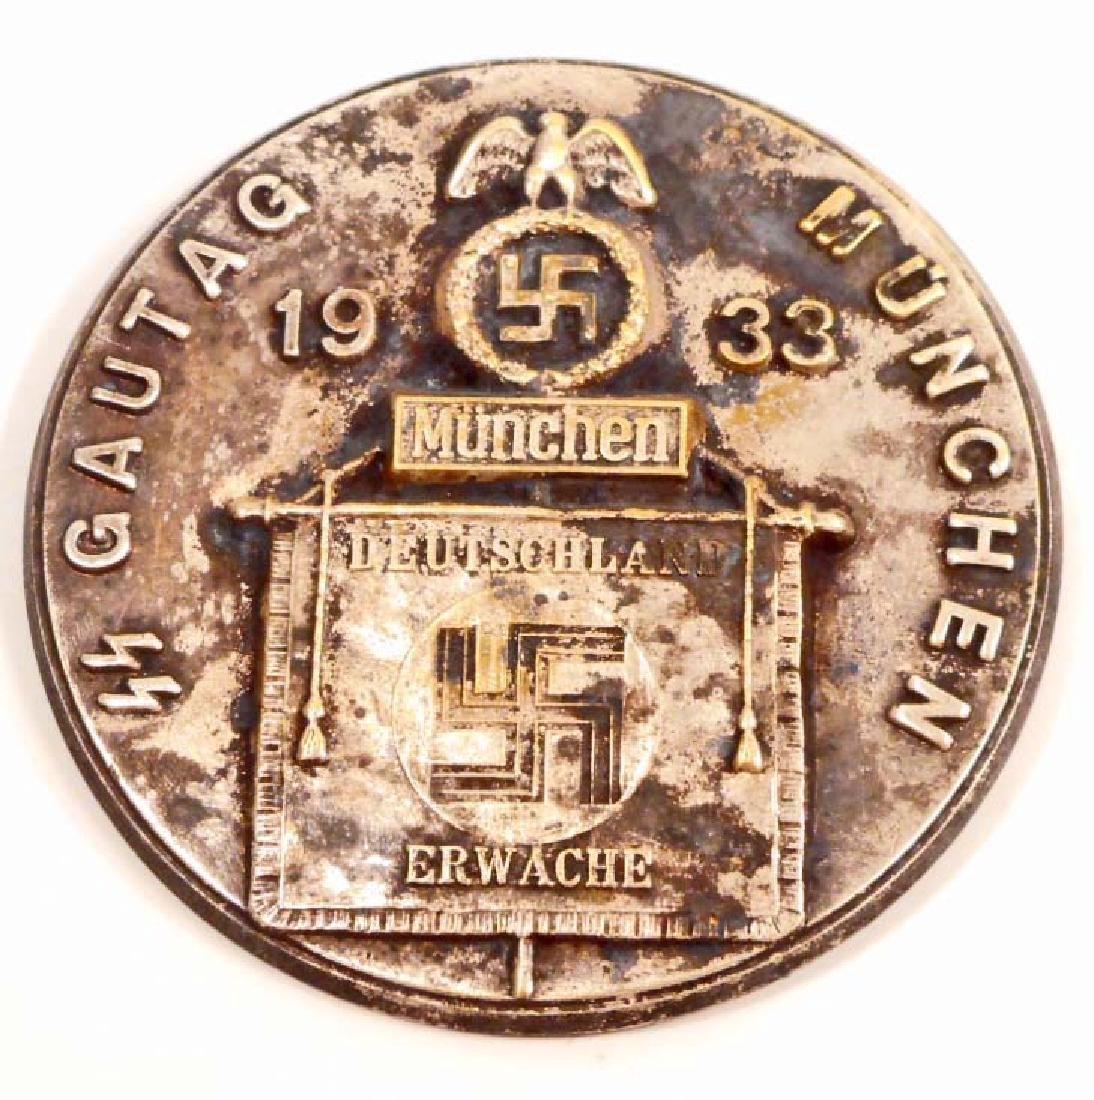 GERMAN NAZI WAFFEN SS GAUTAG MUNCHEN DEUTSCHLAND